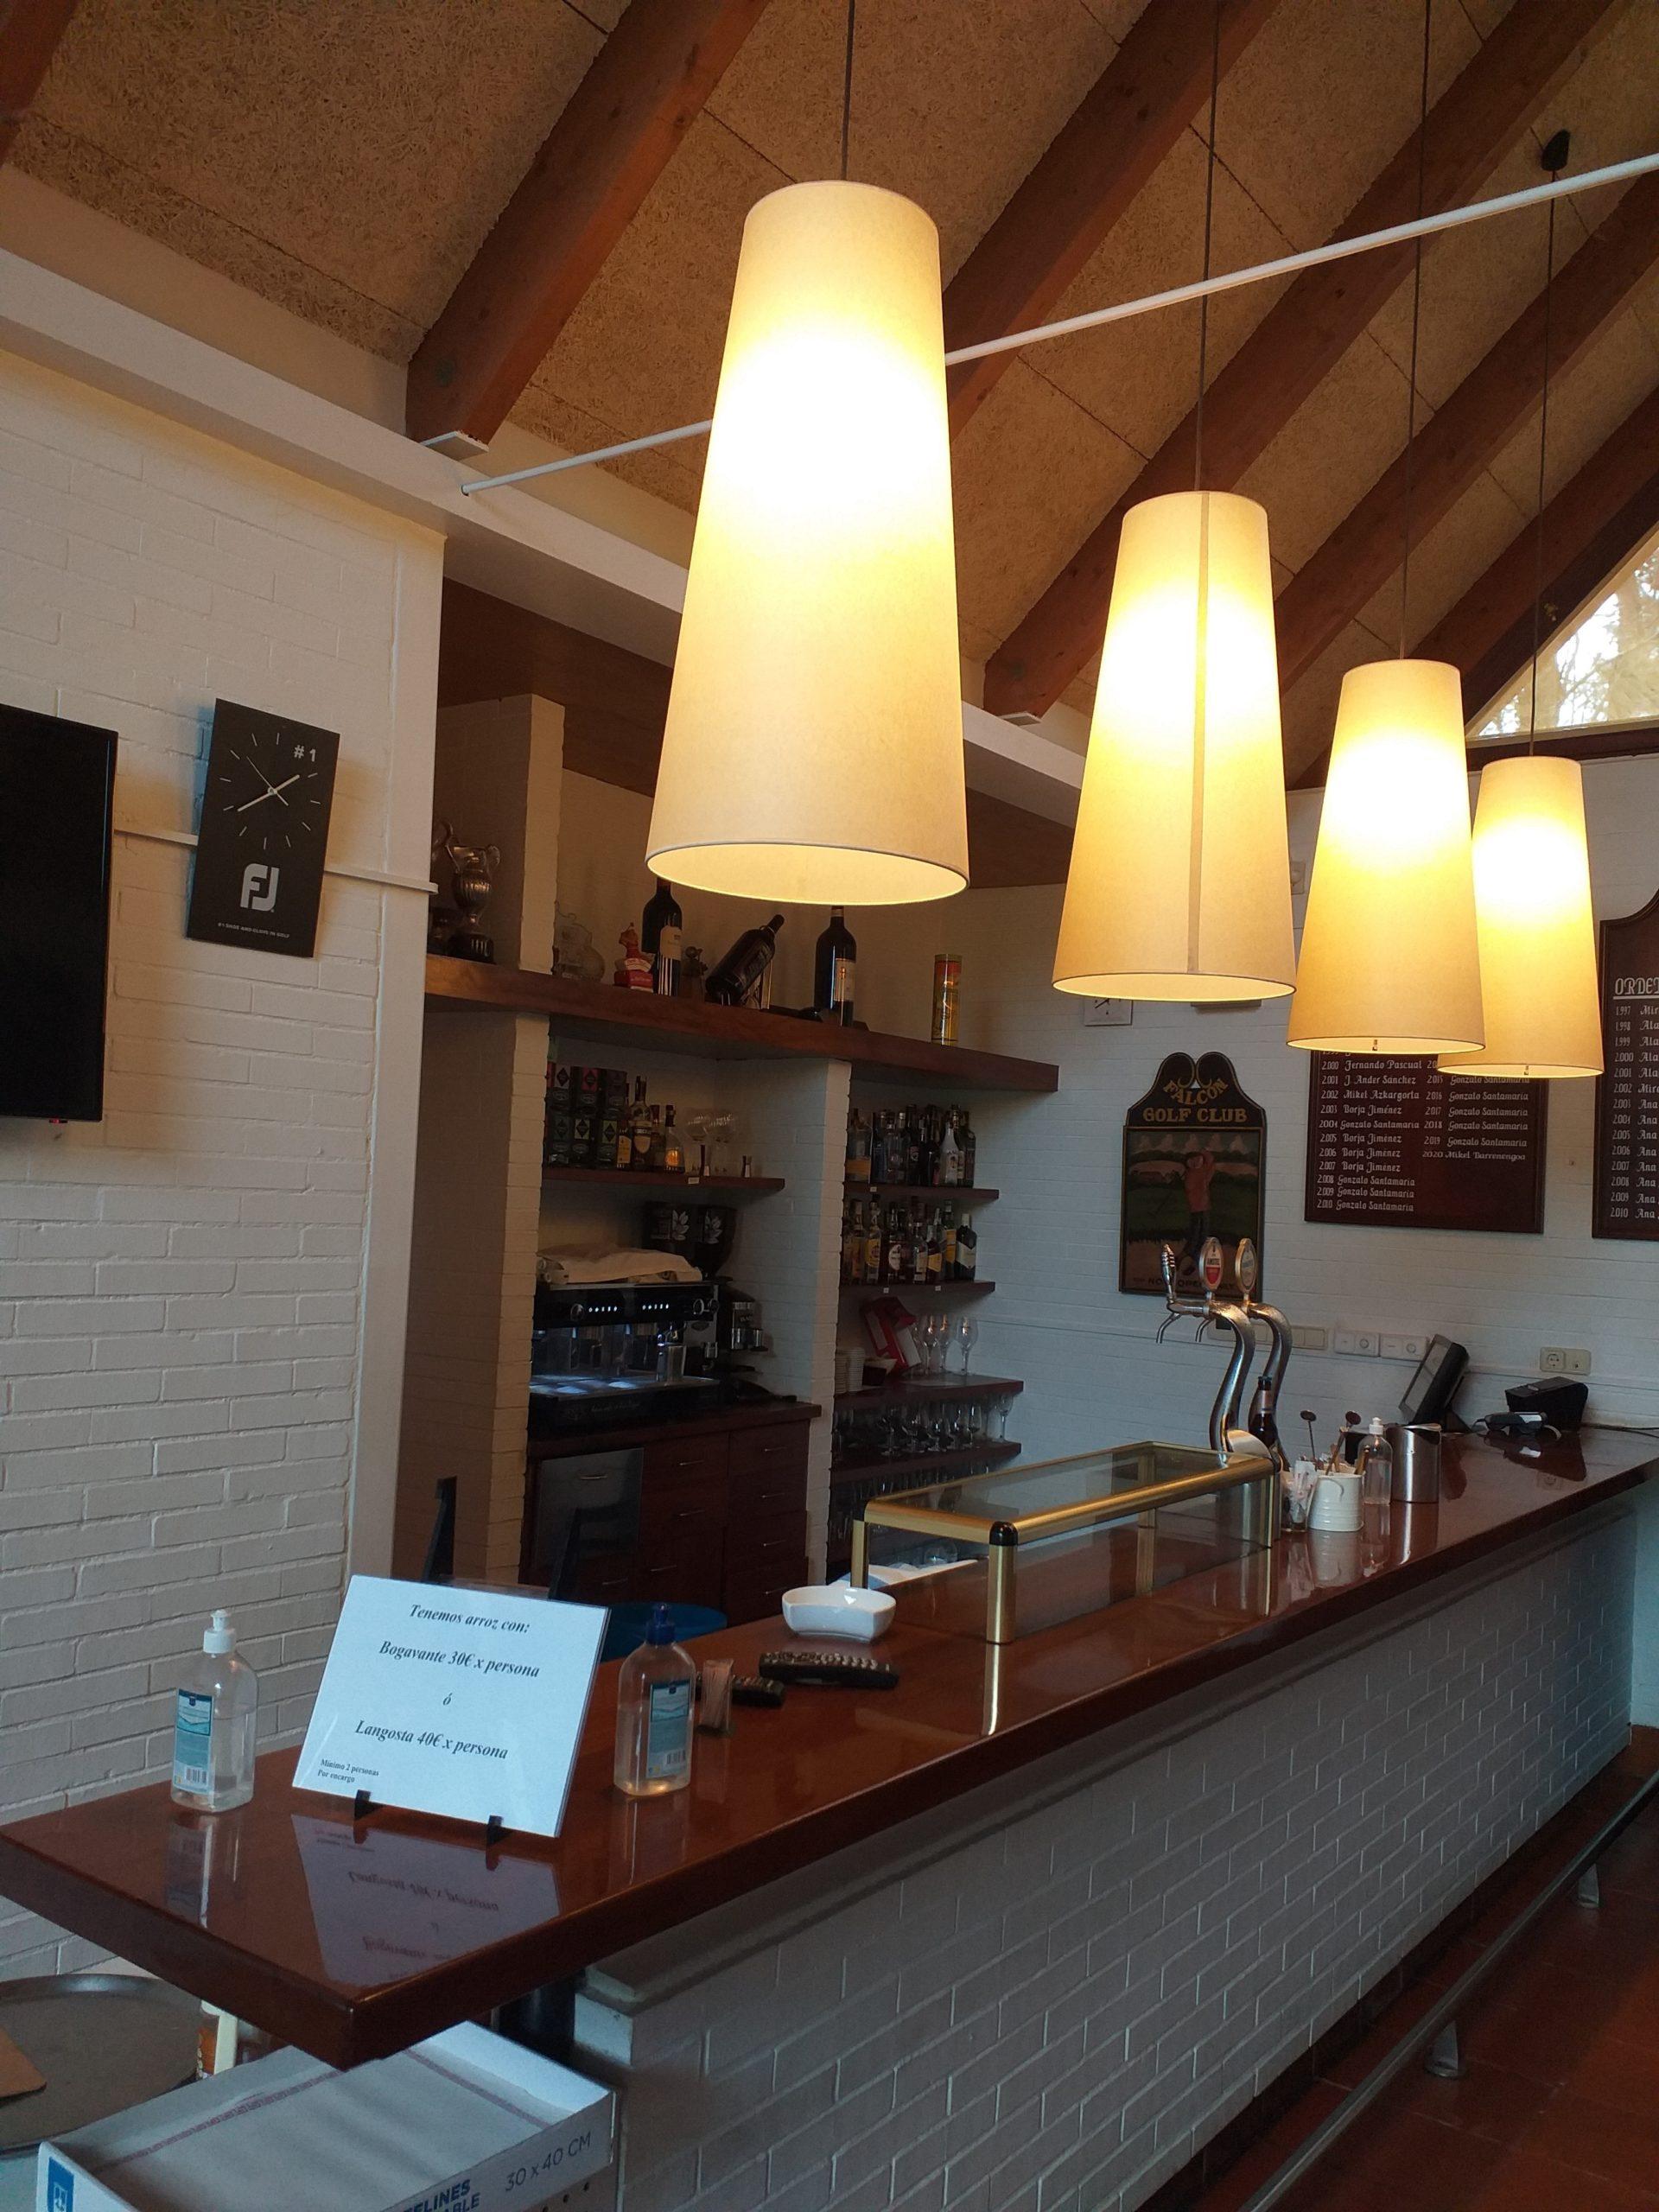 Sábado 20 de febrero: Apertura del bar y restaurante de Zuia Club de Golf